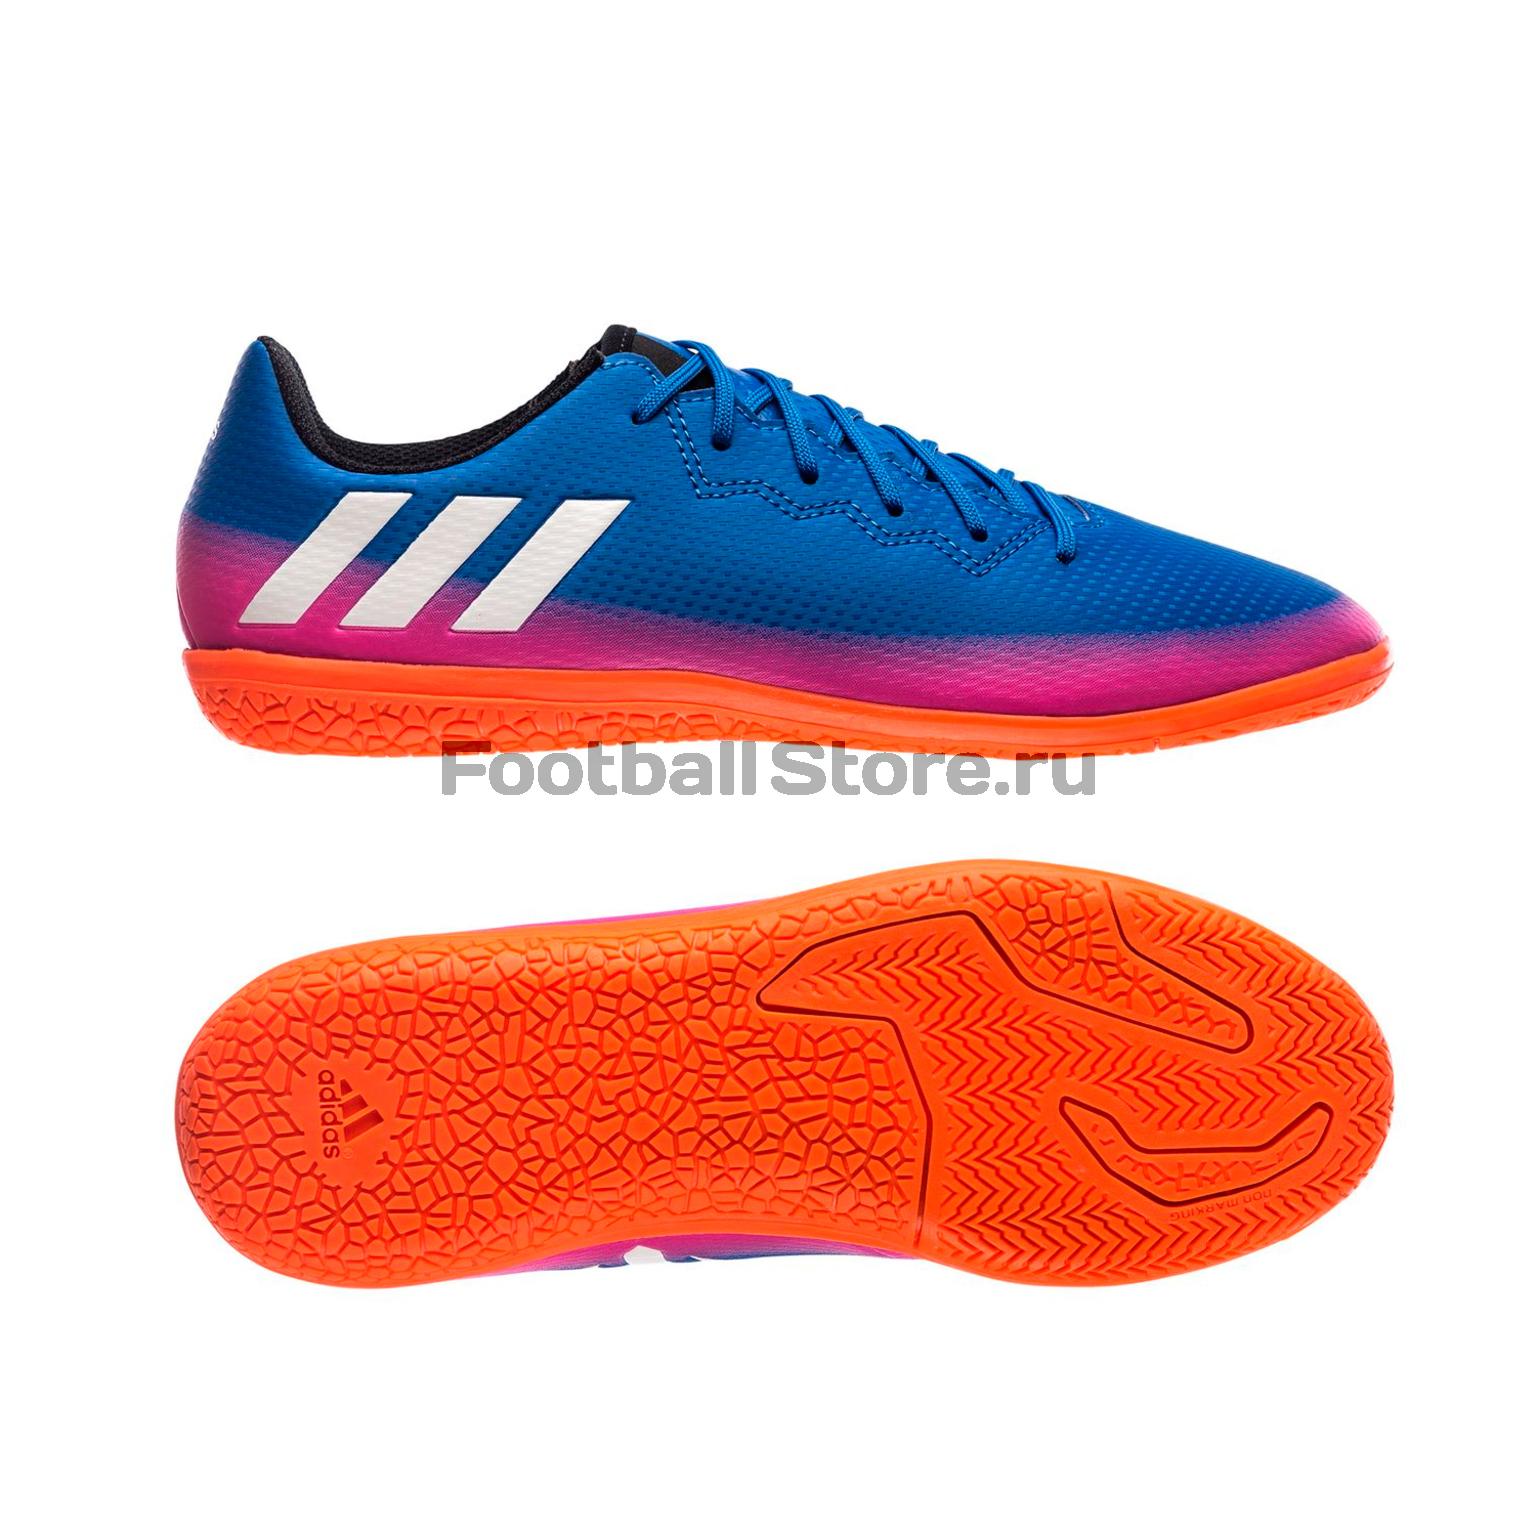 Бутсы Adidas Обувь для зала Adidas Messi 16.3 IN JR BB5652 бутсы adidas бутсы для зала дет спорт messi 16 3 in j